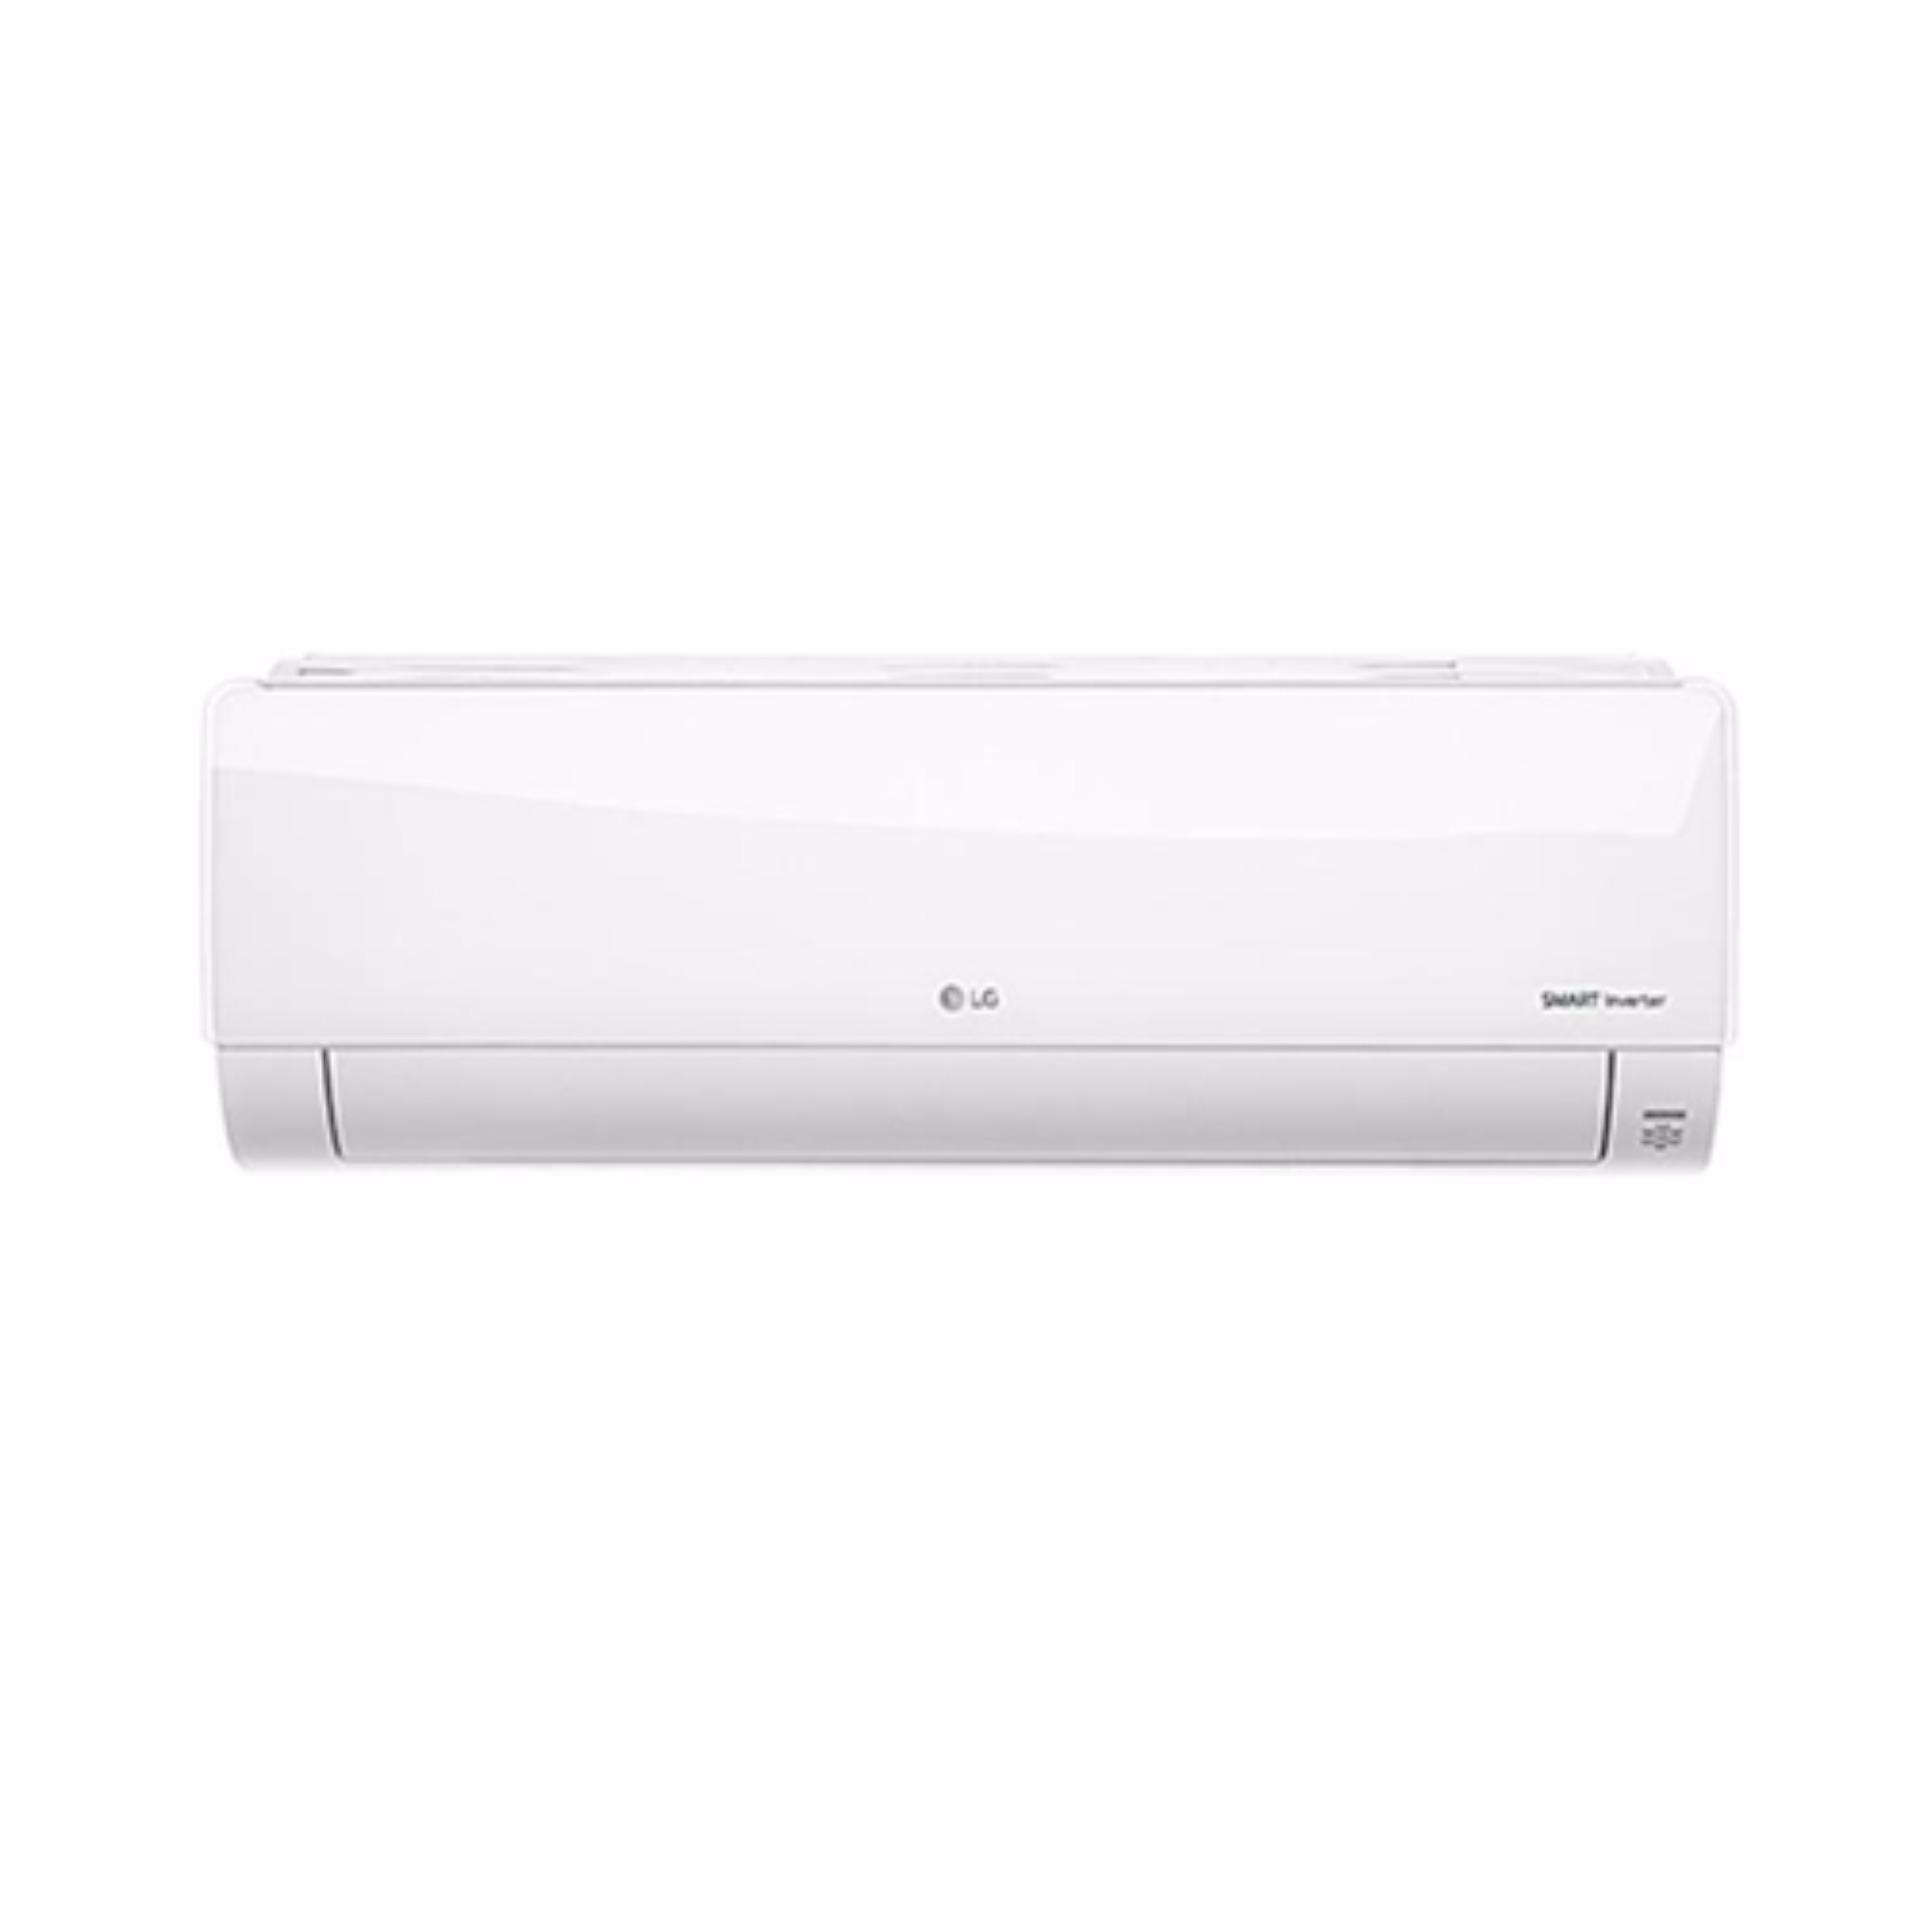 ... LG AC Standard Inverter Wall Mounted Split 3/4 PK - T08EMV - Putih Khusus ...